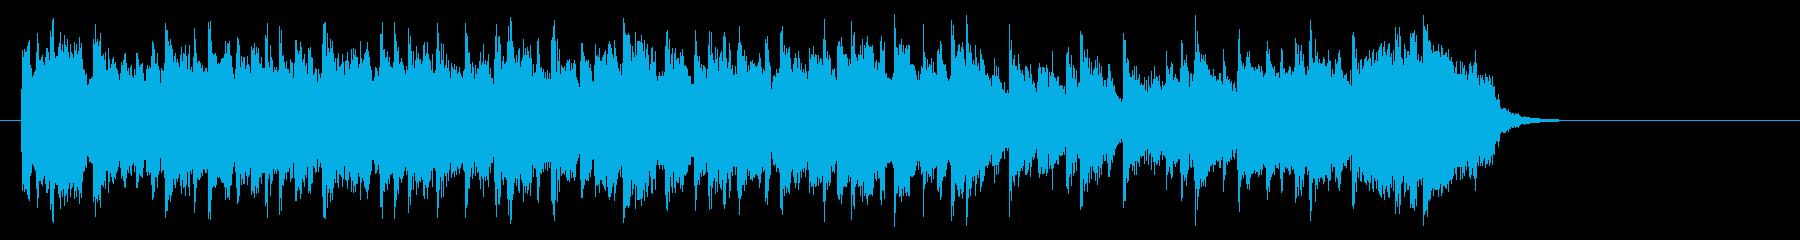 安らぎのミディアムポップ(サビ)の再生済みの波形